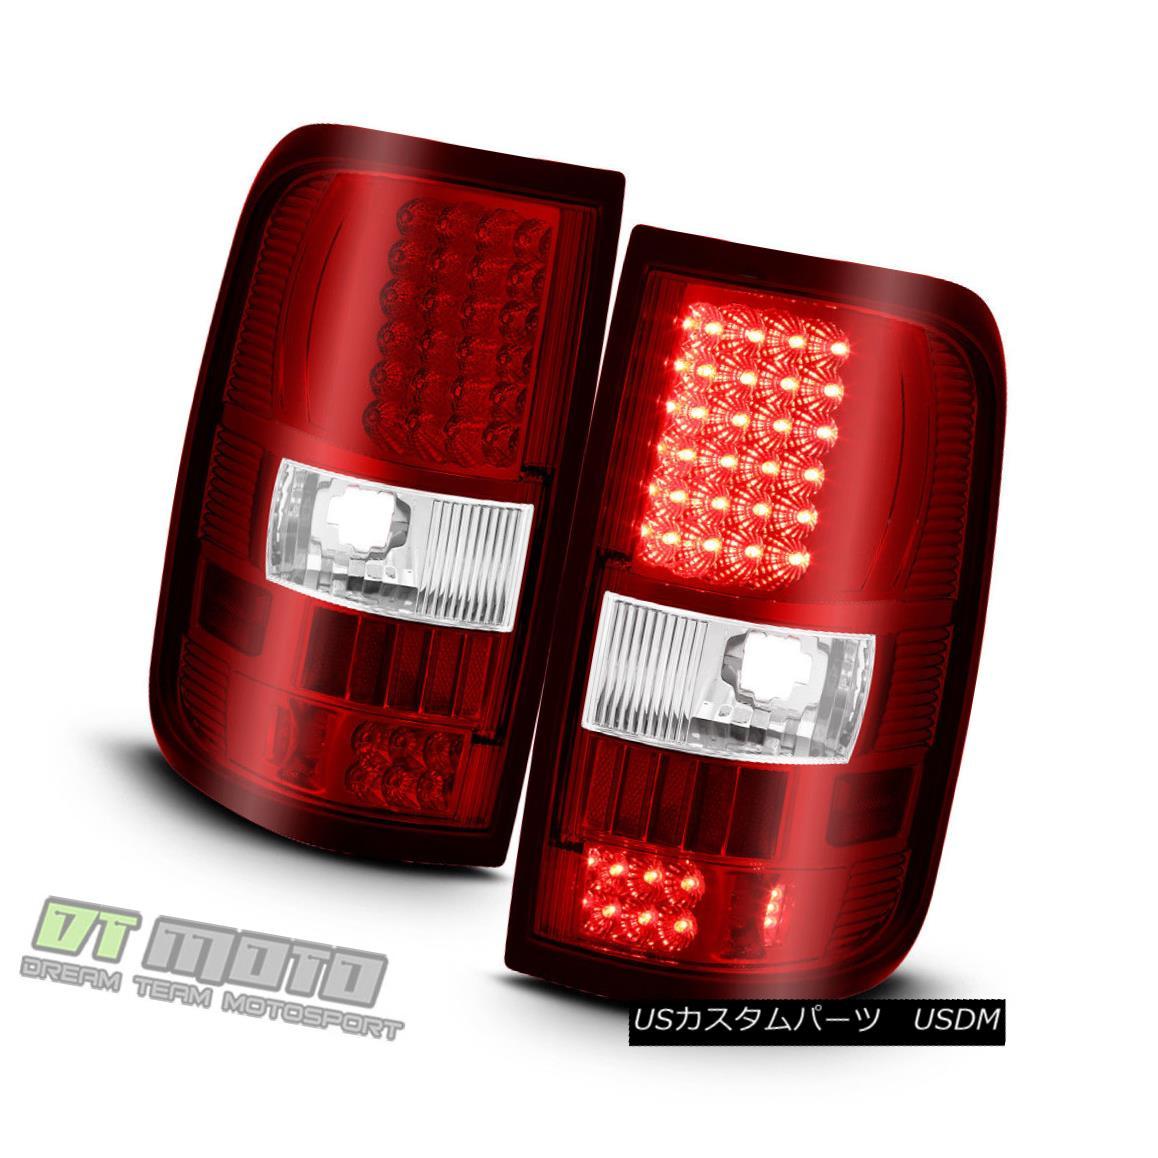 テールライト 2004-2008 Ford F150 F-150 Truck Red LED Tail Lights Brake Lamps 04-08 Left+Right 2004-2008フォードF150 F-150トラックレッドLEDテールライトブレーキランプ04-08左+右